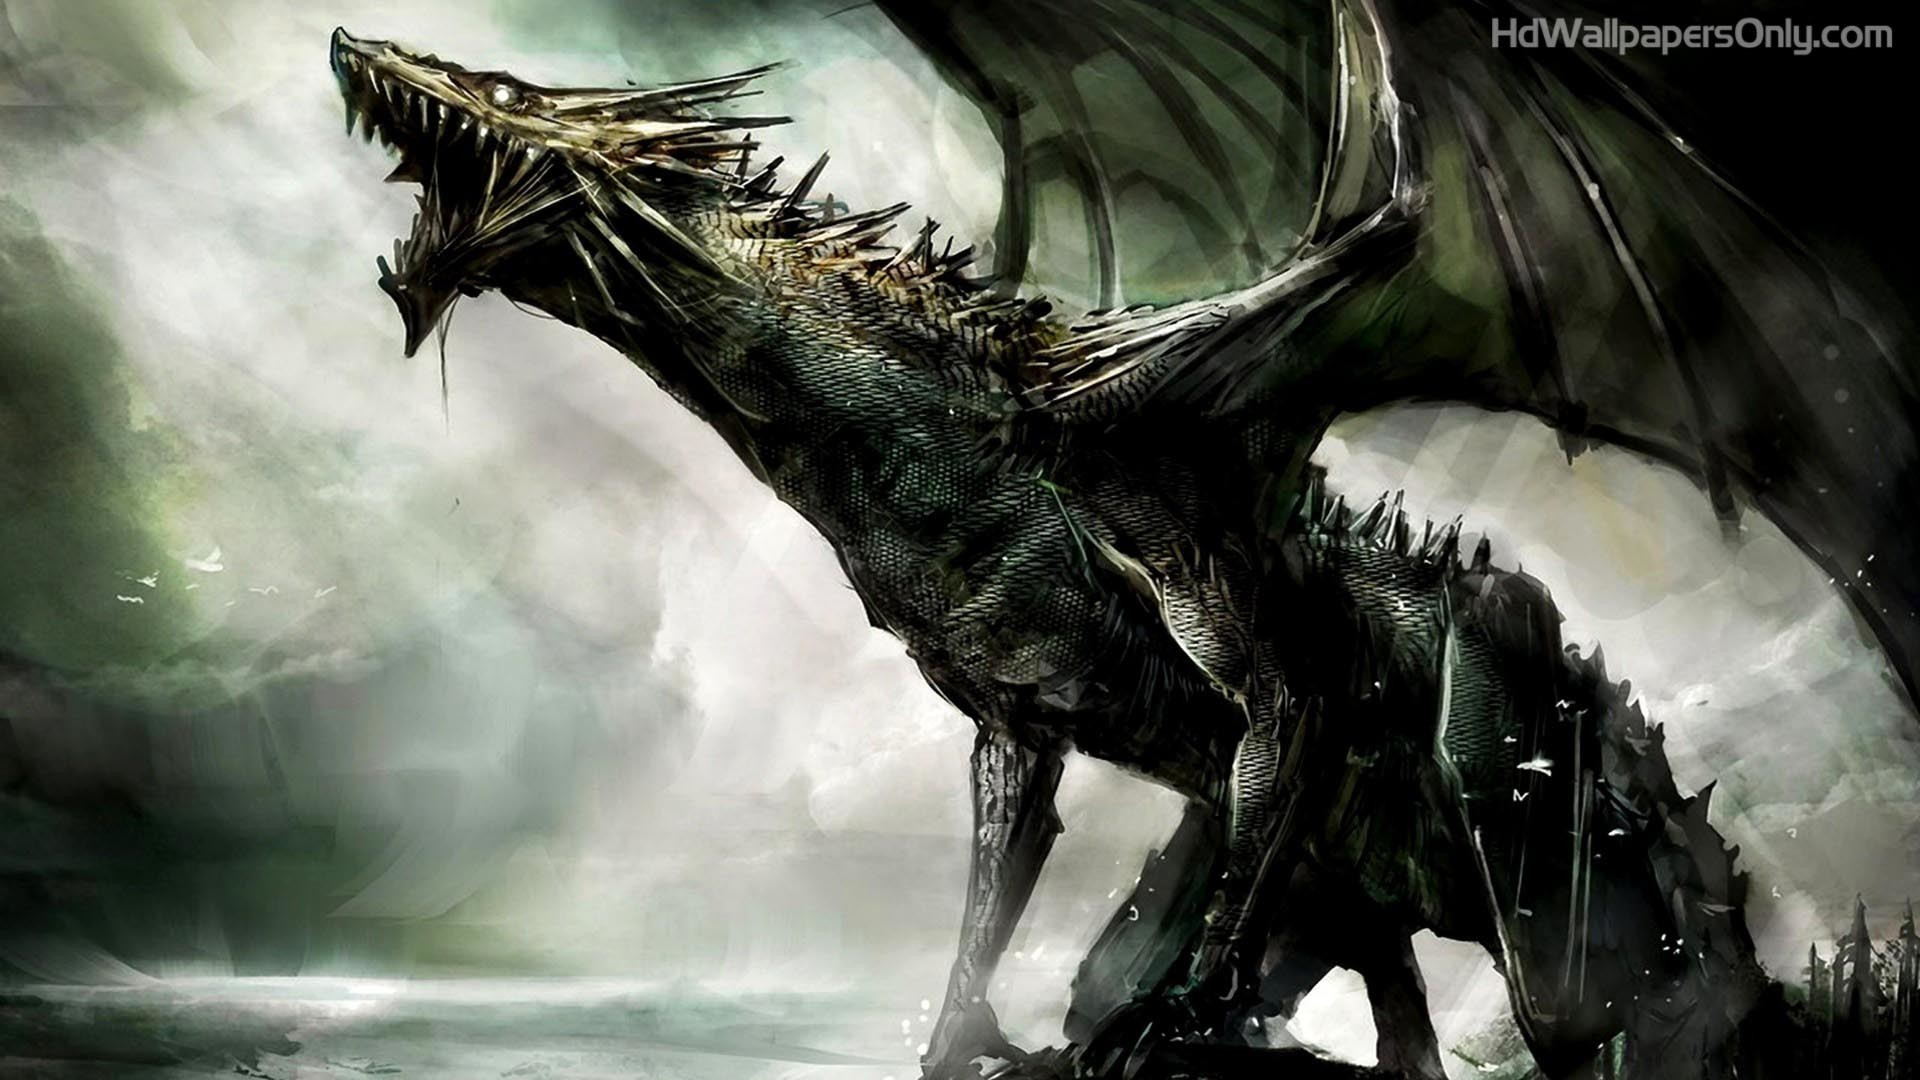 Res: 1920x1080, Black Dragon HD Wallpaper | 4hotos